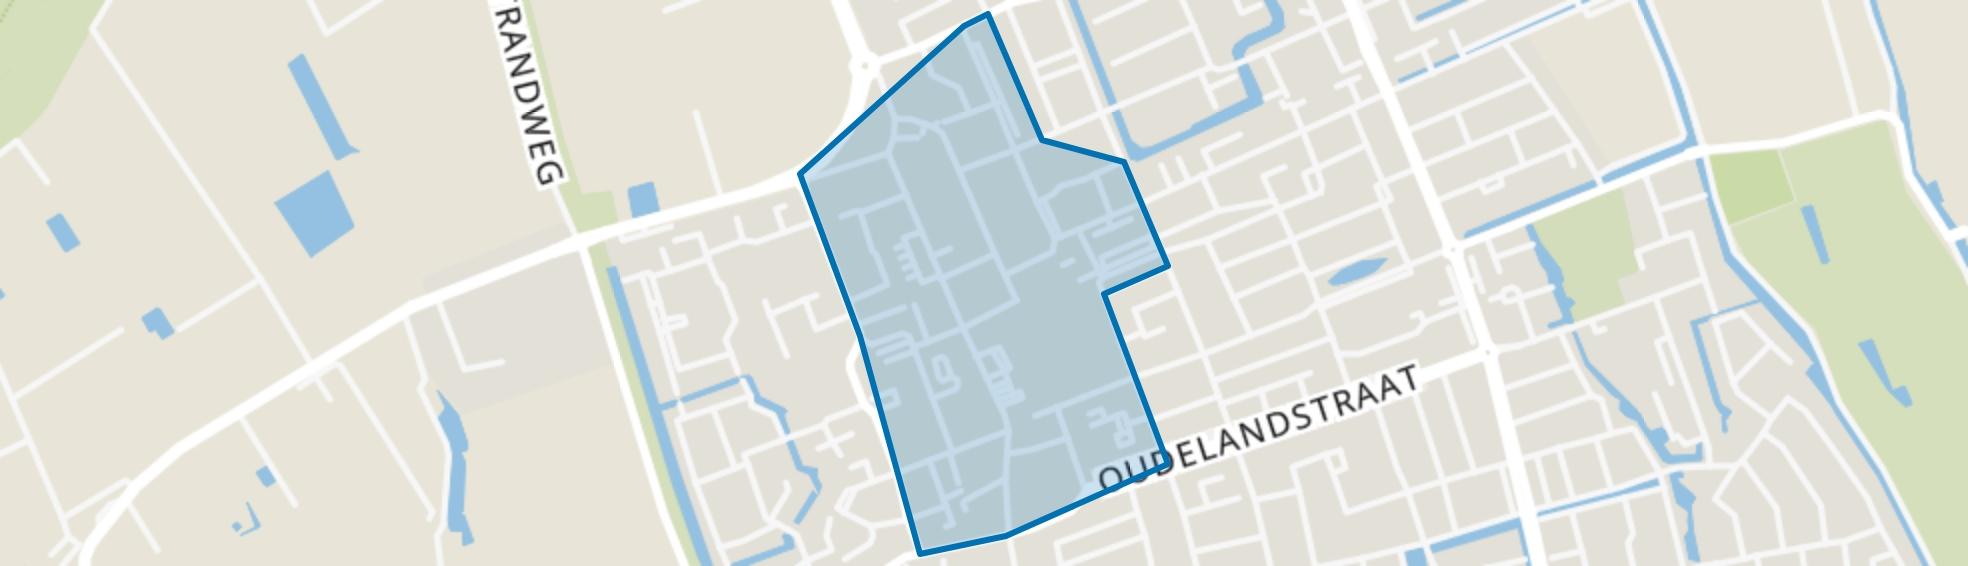 centrumgebied 's-Gravenzande, 's-Gravenzande map